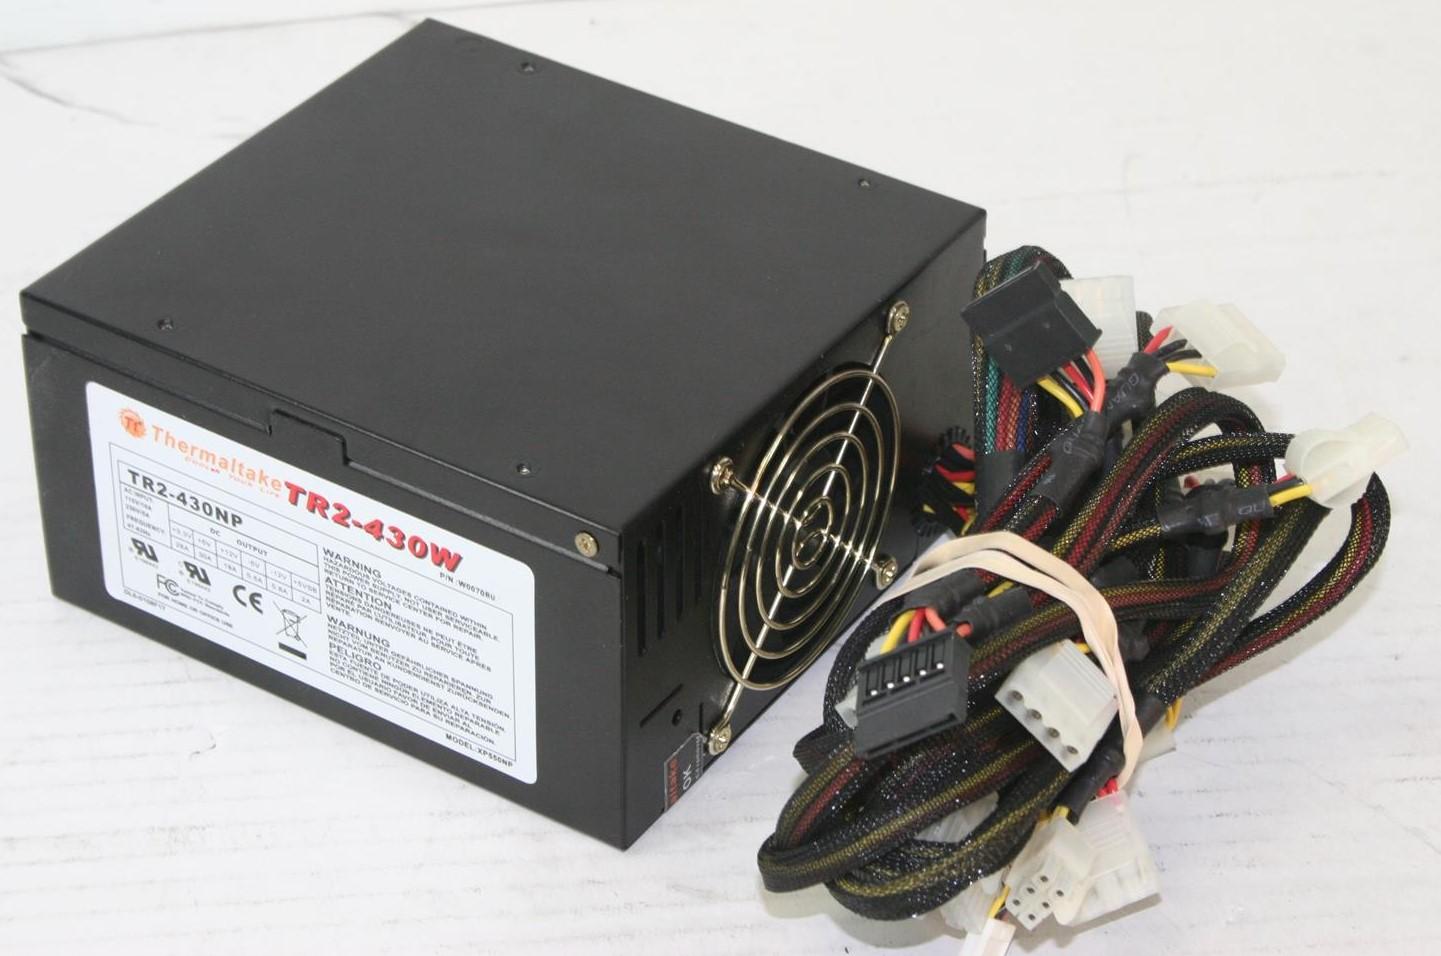 Thermaltake TR2-430NP Power Supply W0070RU XP550NP 430W